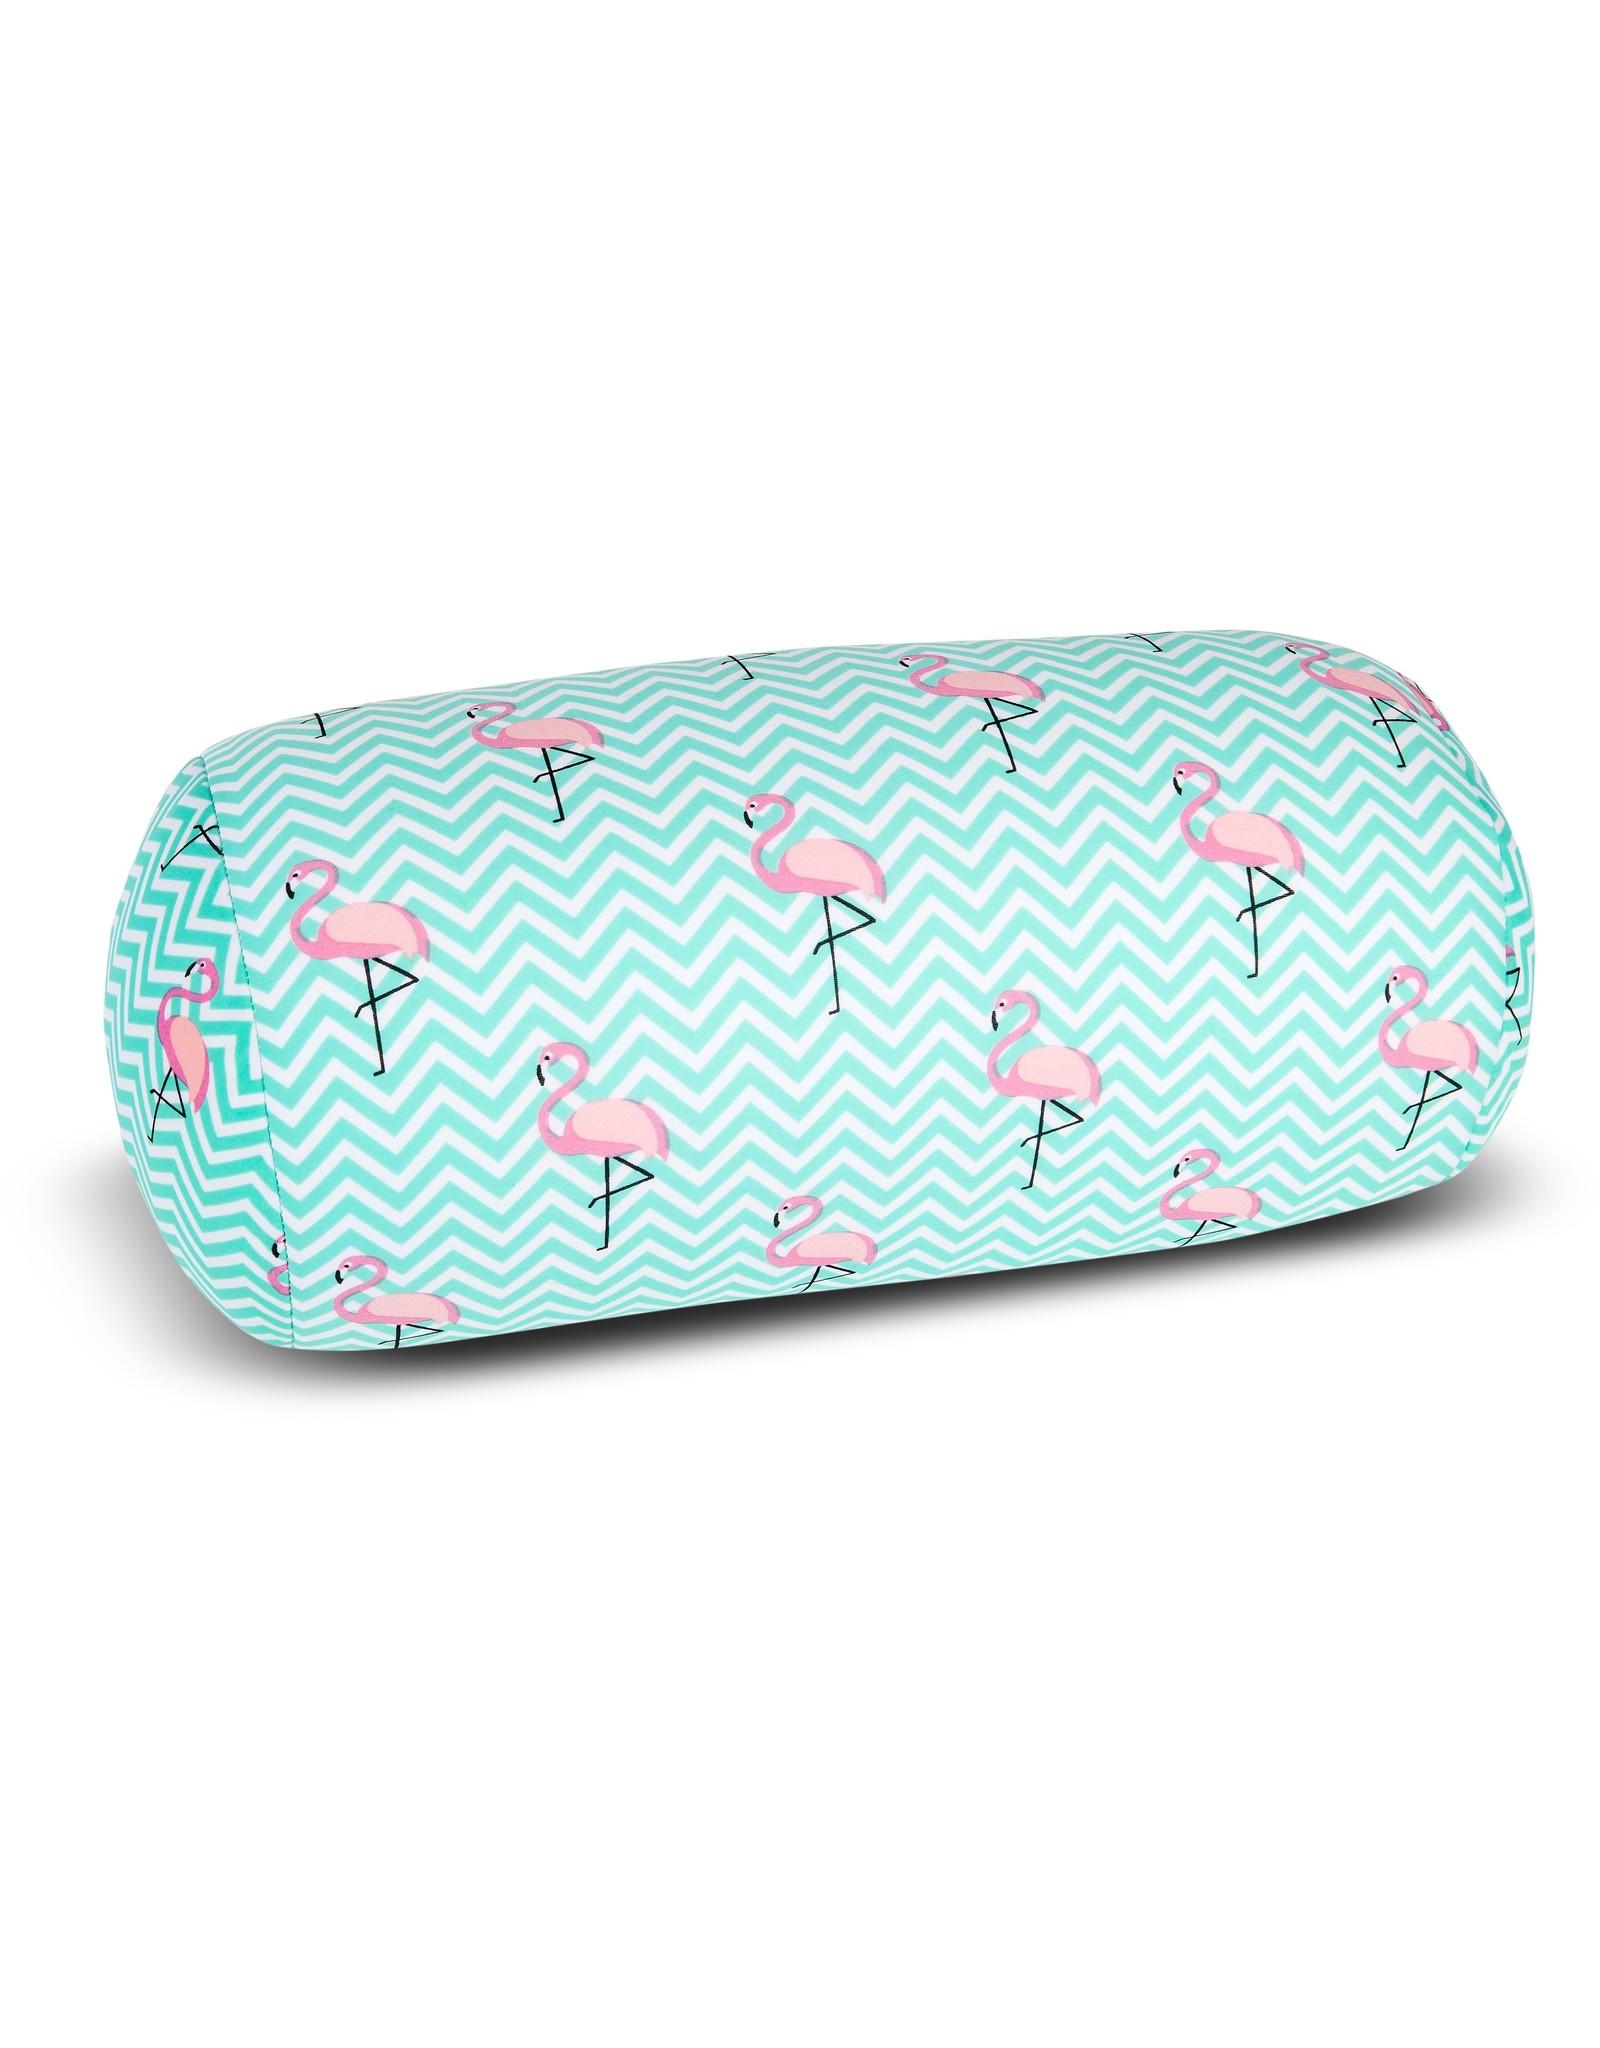 Kuschel-Maxx Kuschel-Maxx -  Türkis Flamingo